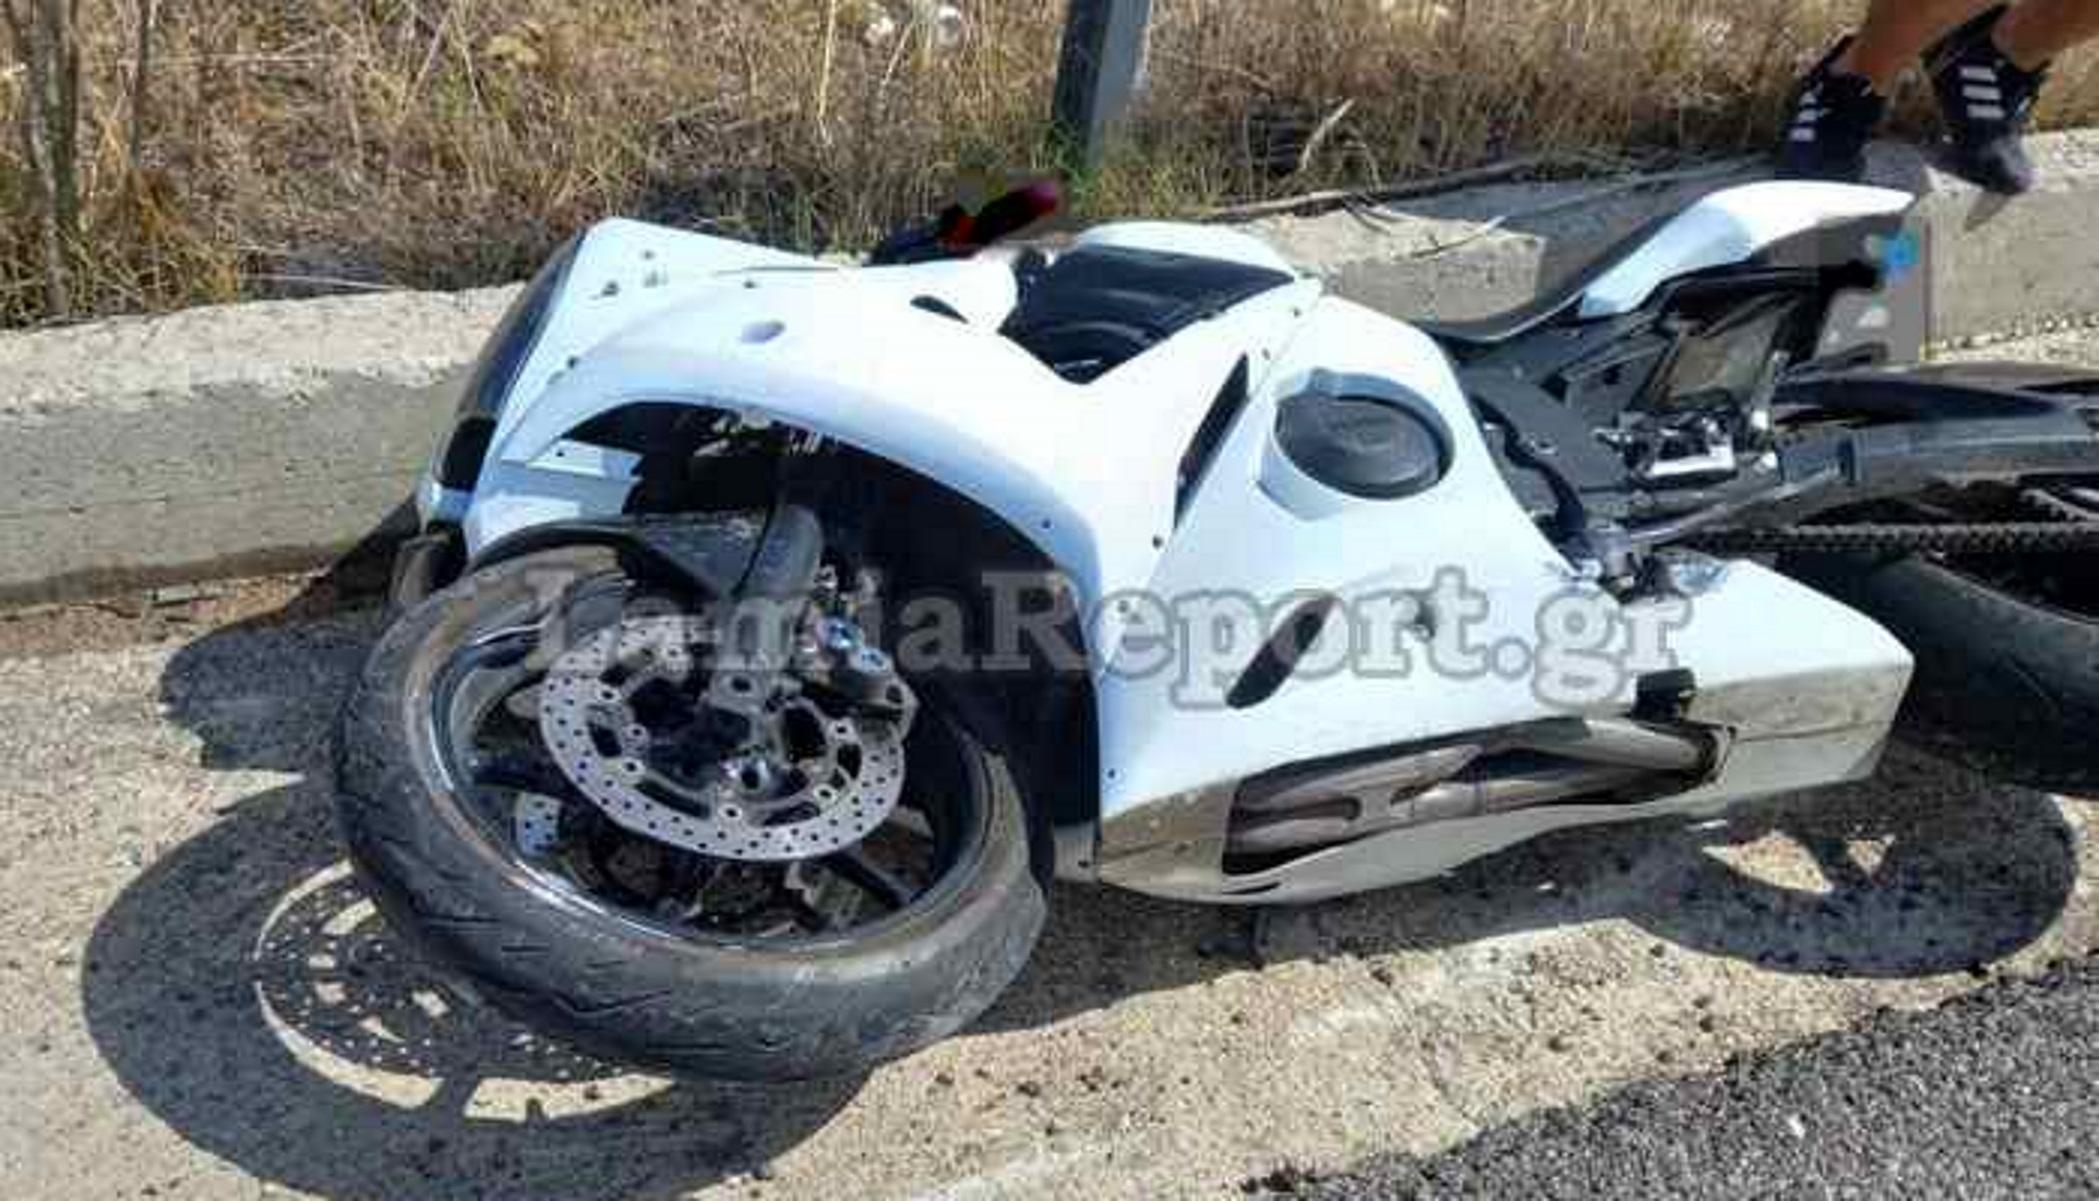 Δομοκός: Τραυματίστηκε σοβαρά νεαρός μοτοσικλετιστής – Σύρθηκε για πολλά μέτρα στην άσφαλτο